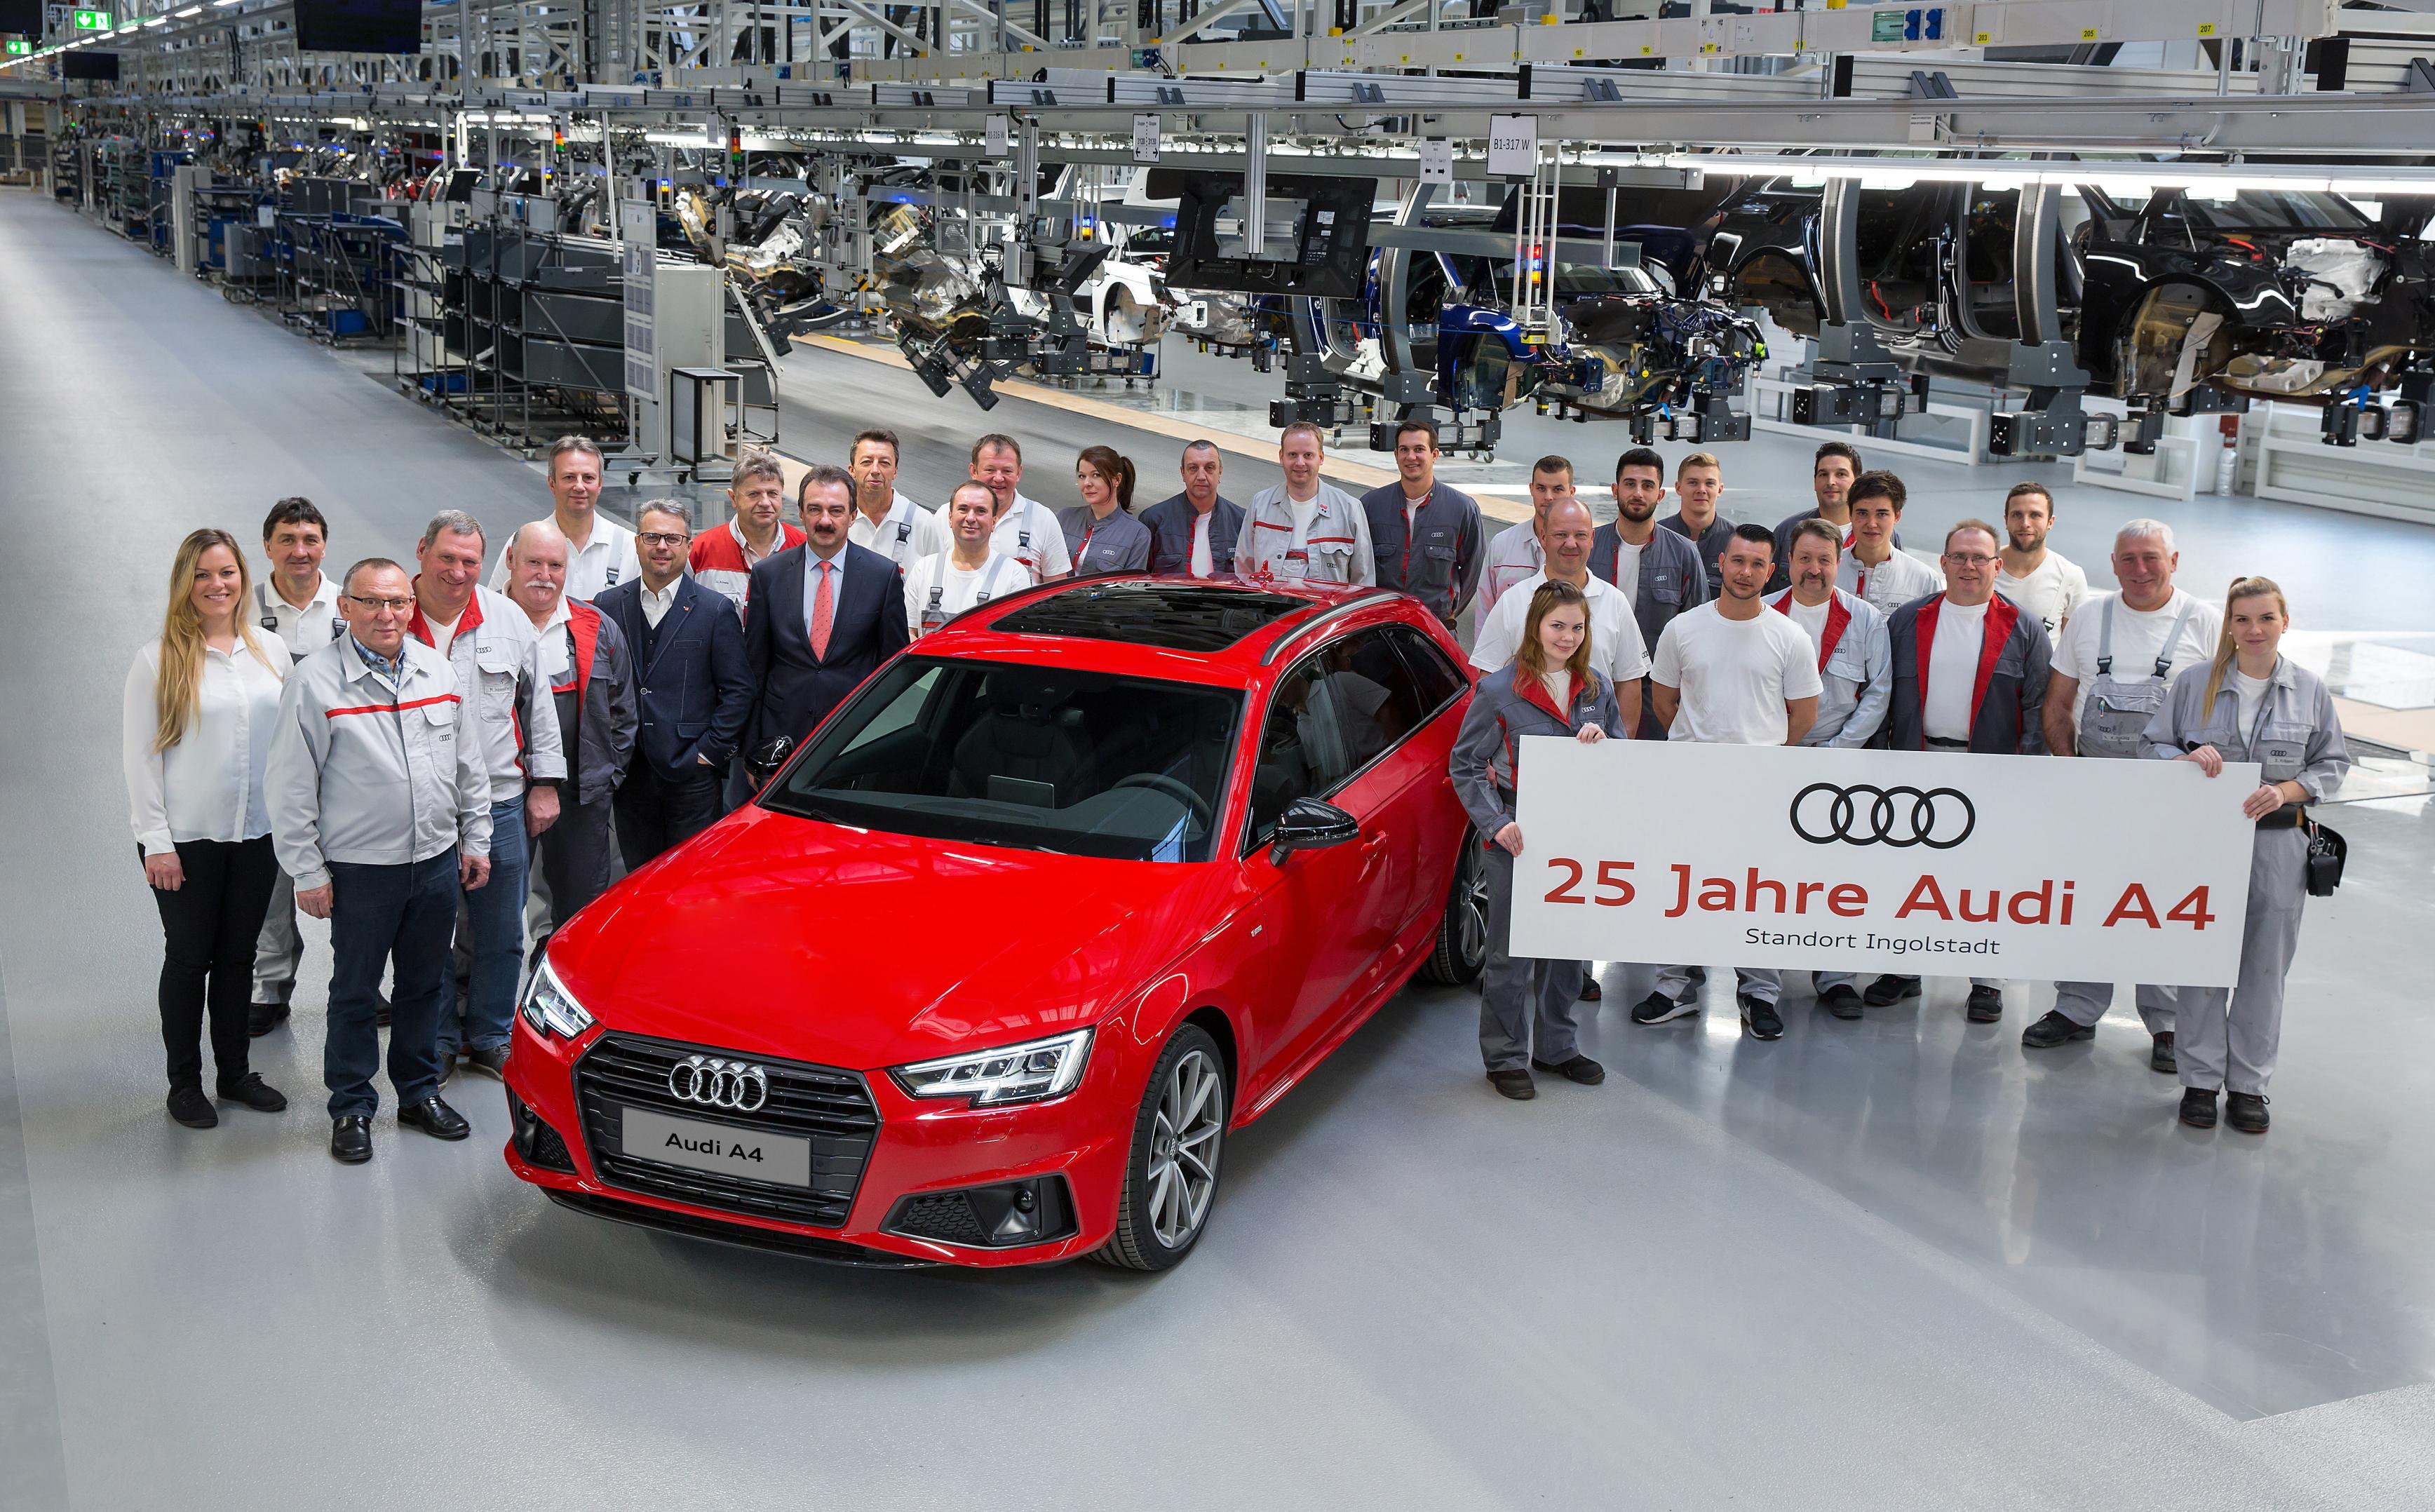 Photo of Audi'nin en çok satan modeli Audi A4 25 yaşında